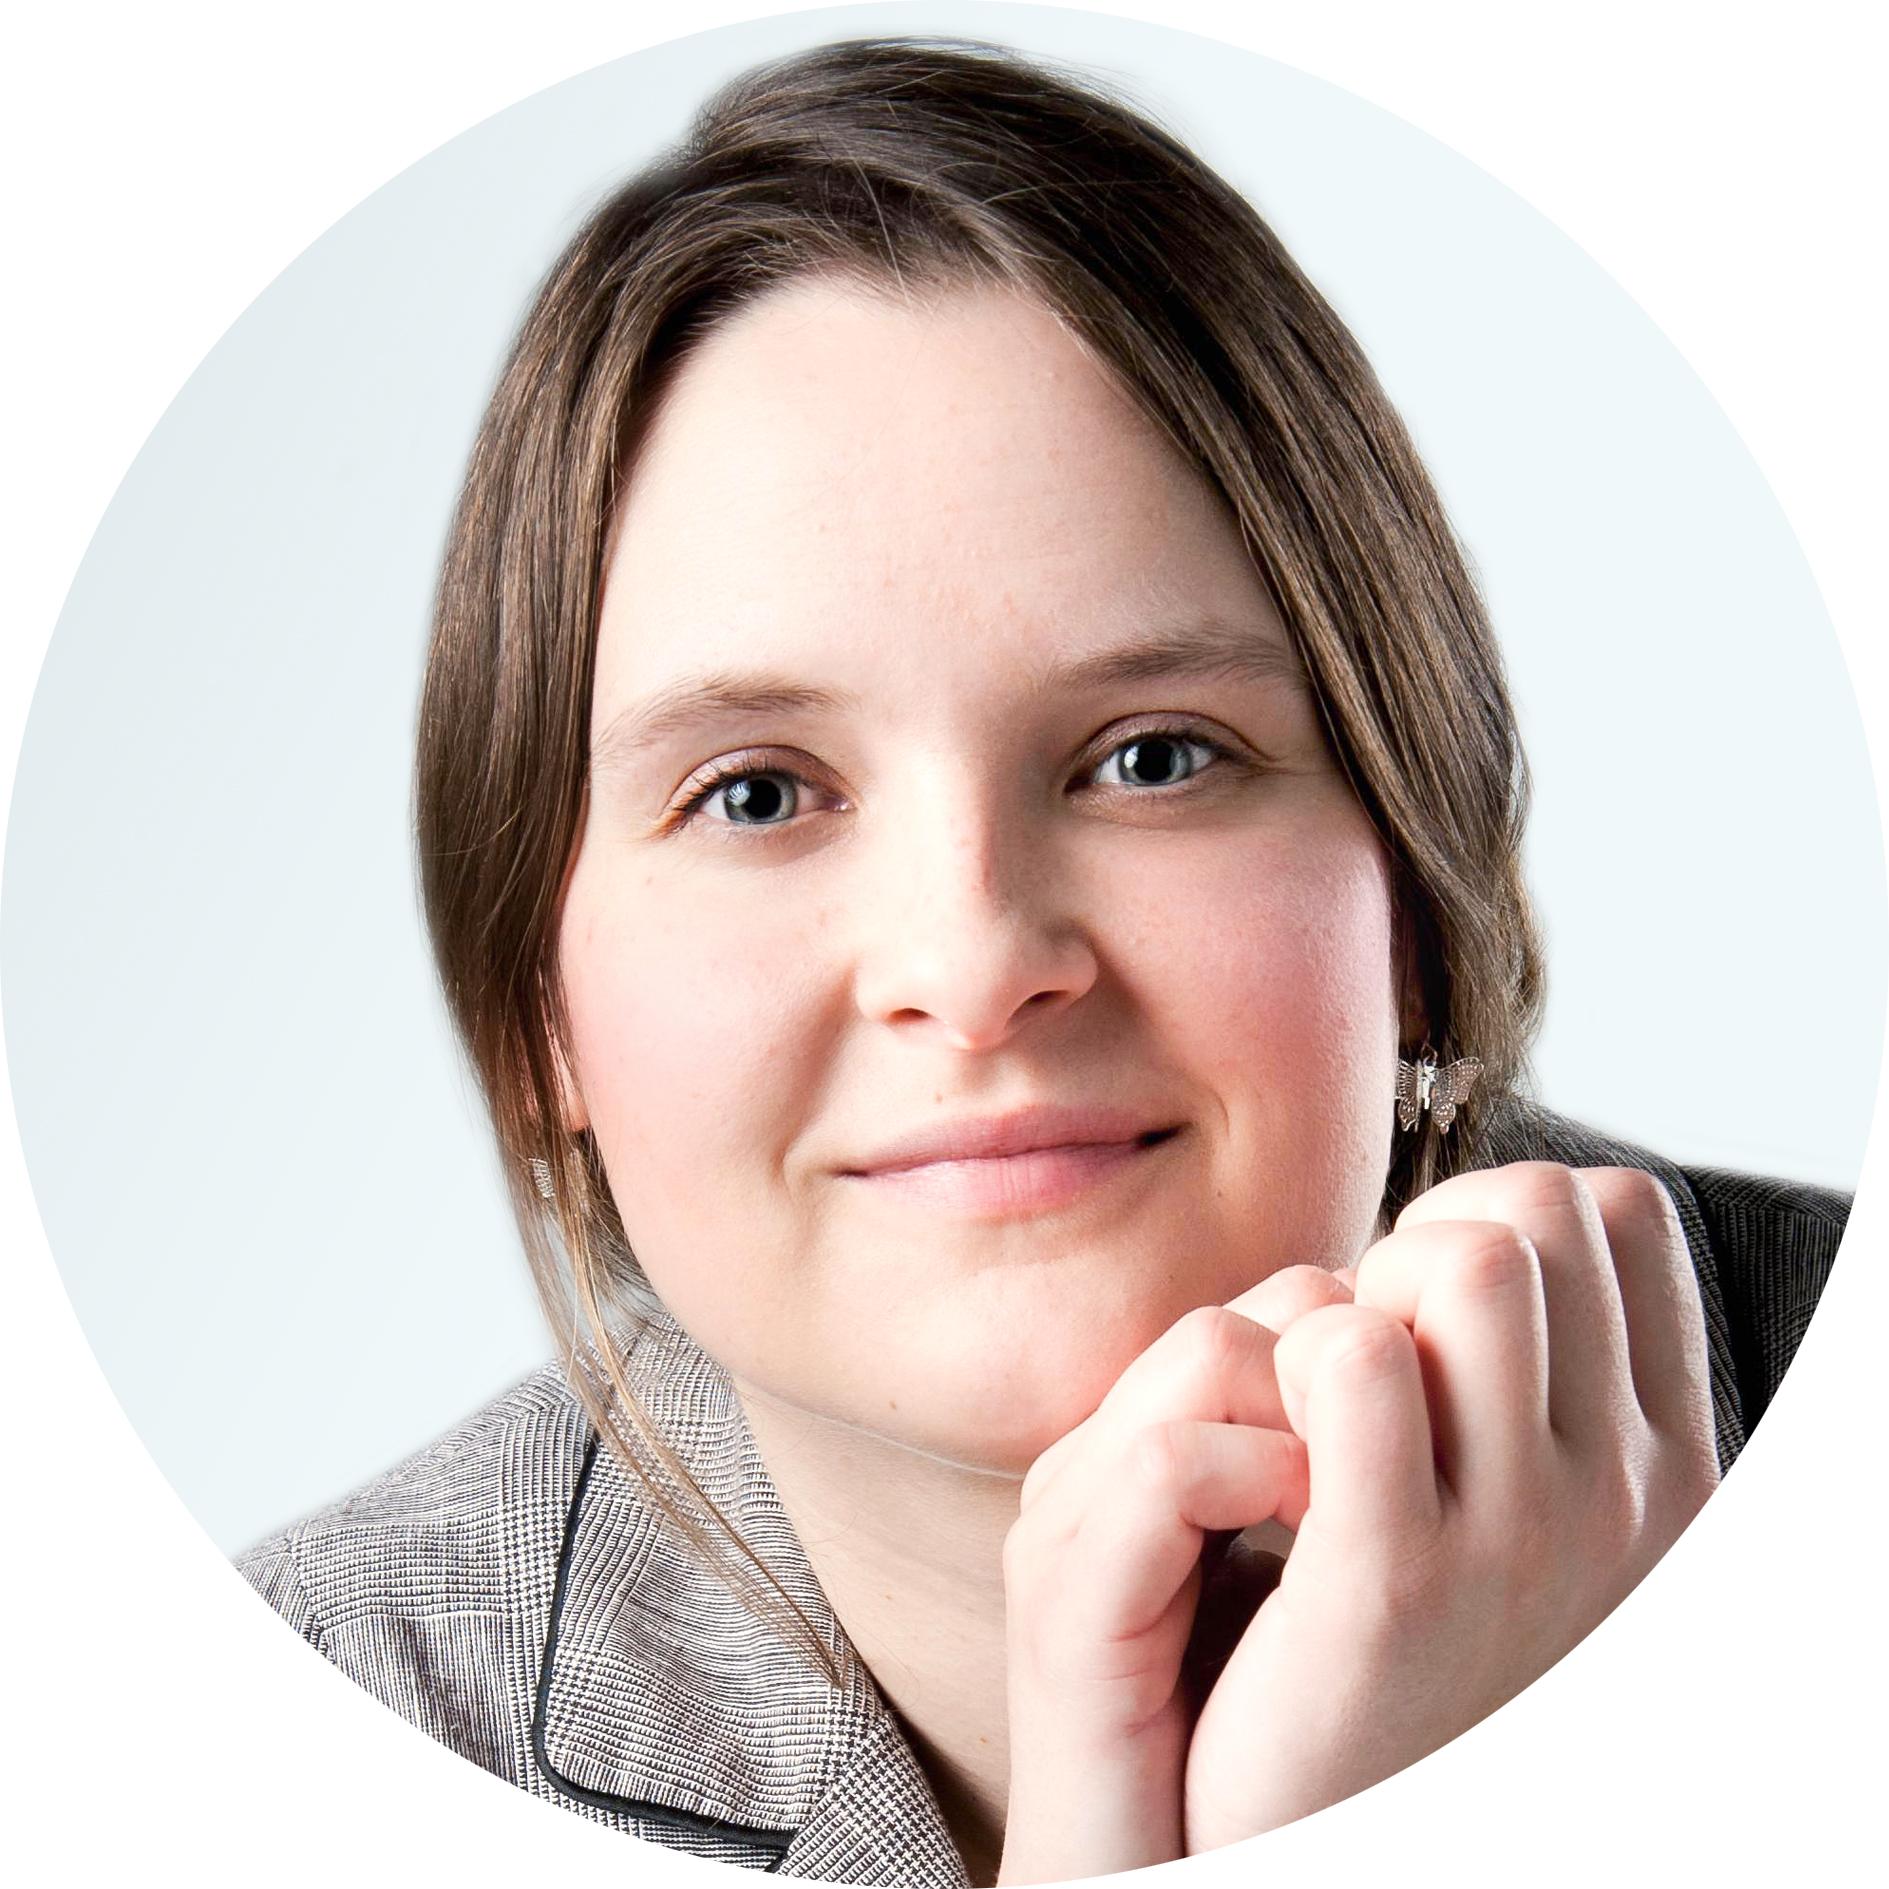 Portrait von Katherina Lewald, Onlinemarketerin.